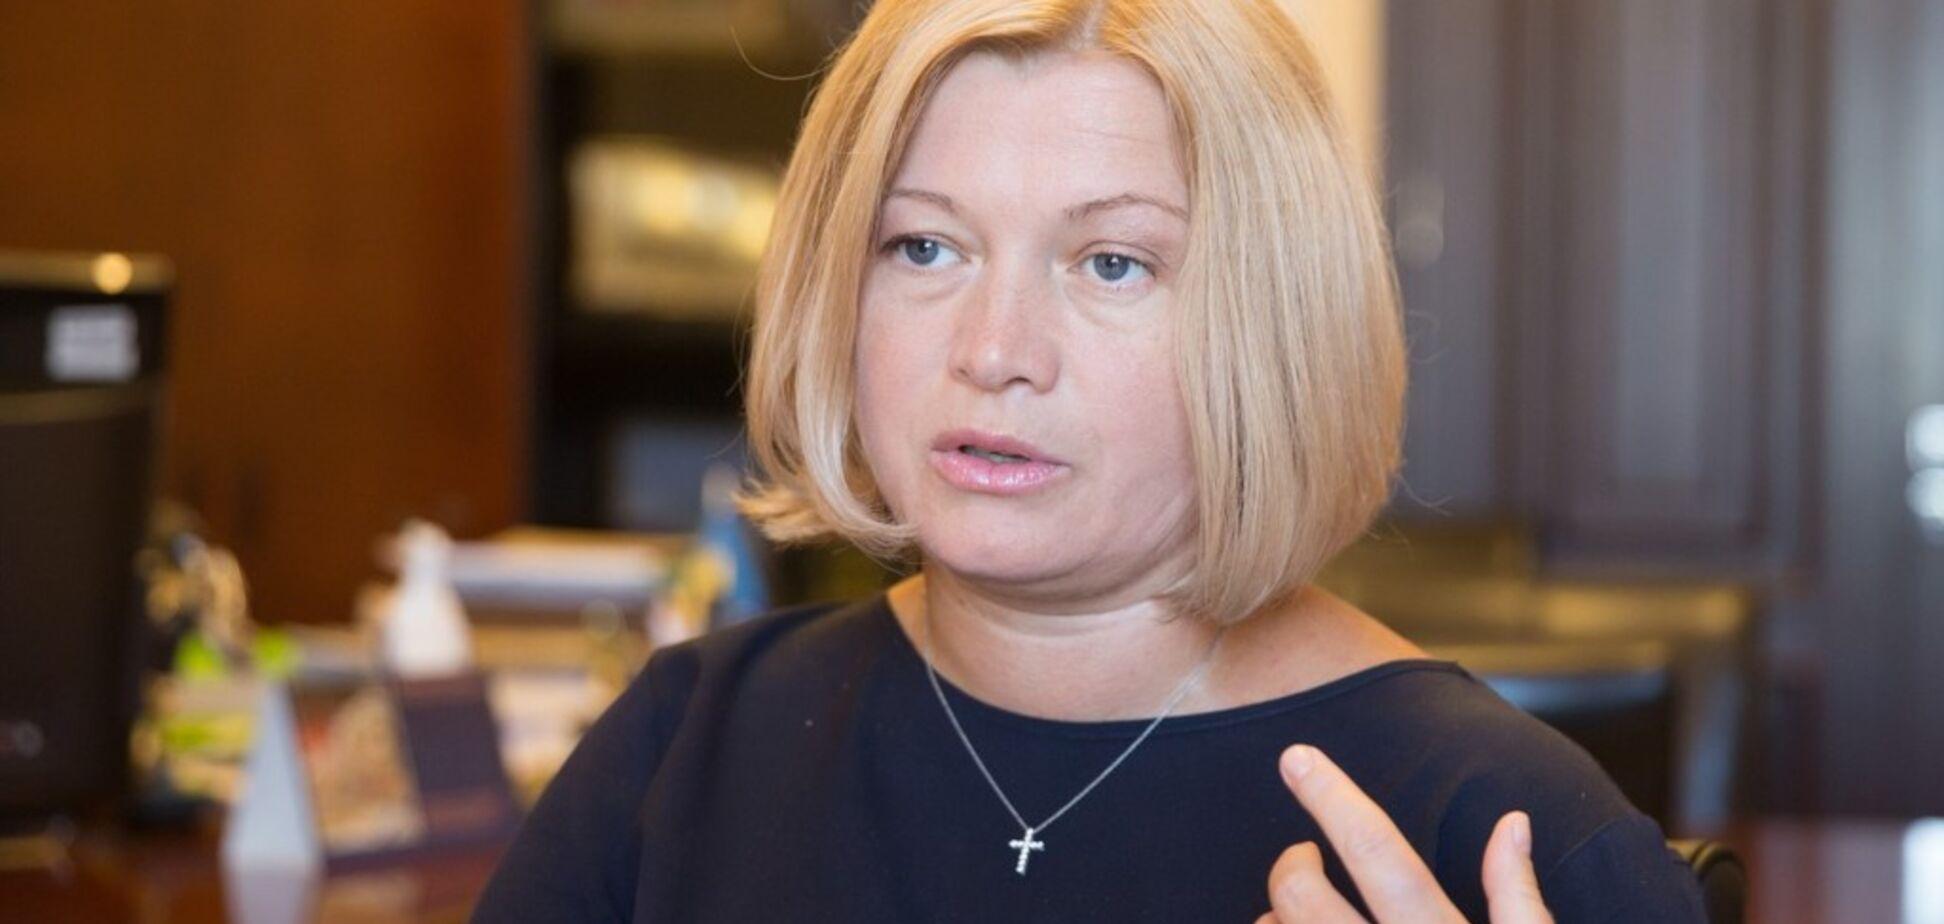 'Для санкций против России': в Раде произошел конфликт из-за статуса Донбасса